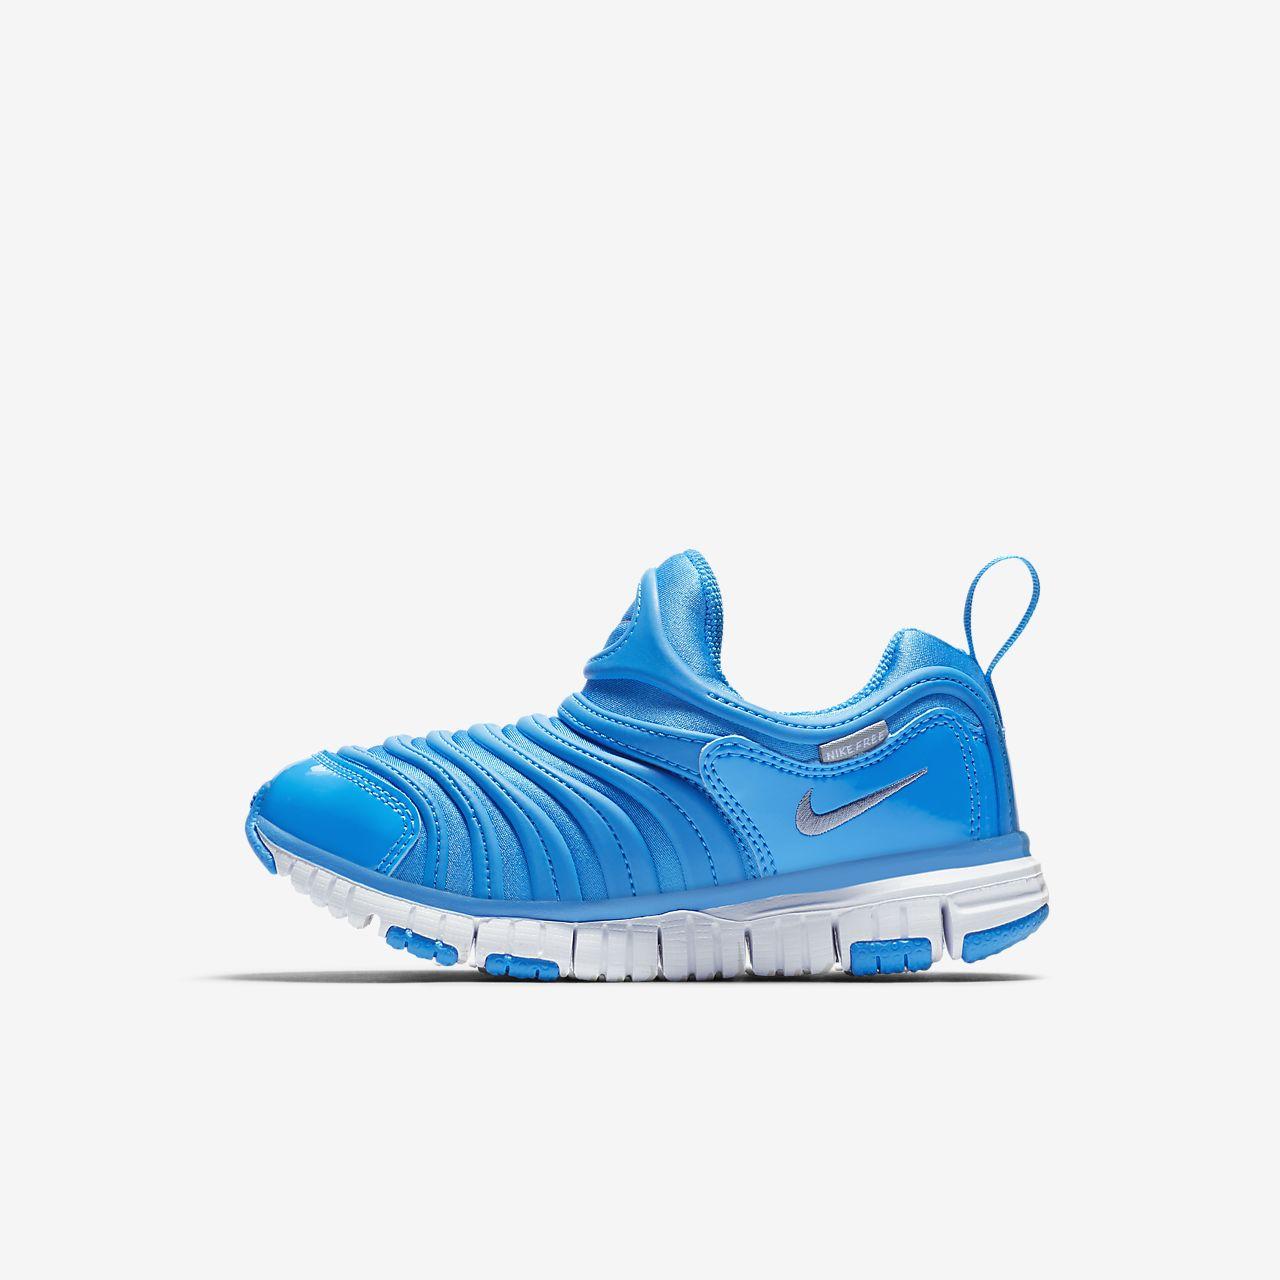 f242c59bd723c Nike Dynamo Free Younger Kids  Shoe. Nike.com GB